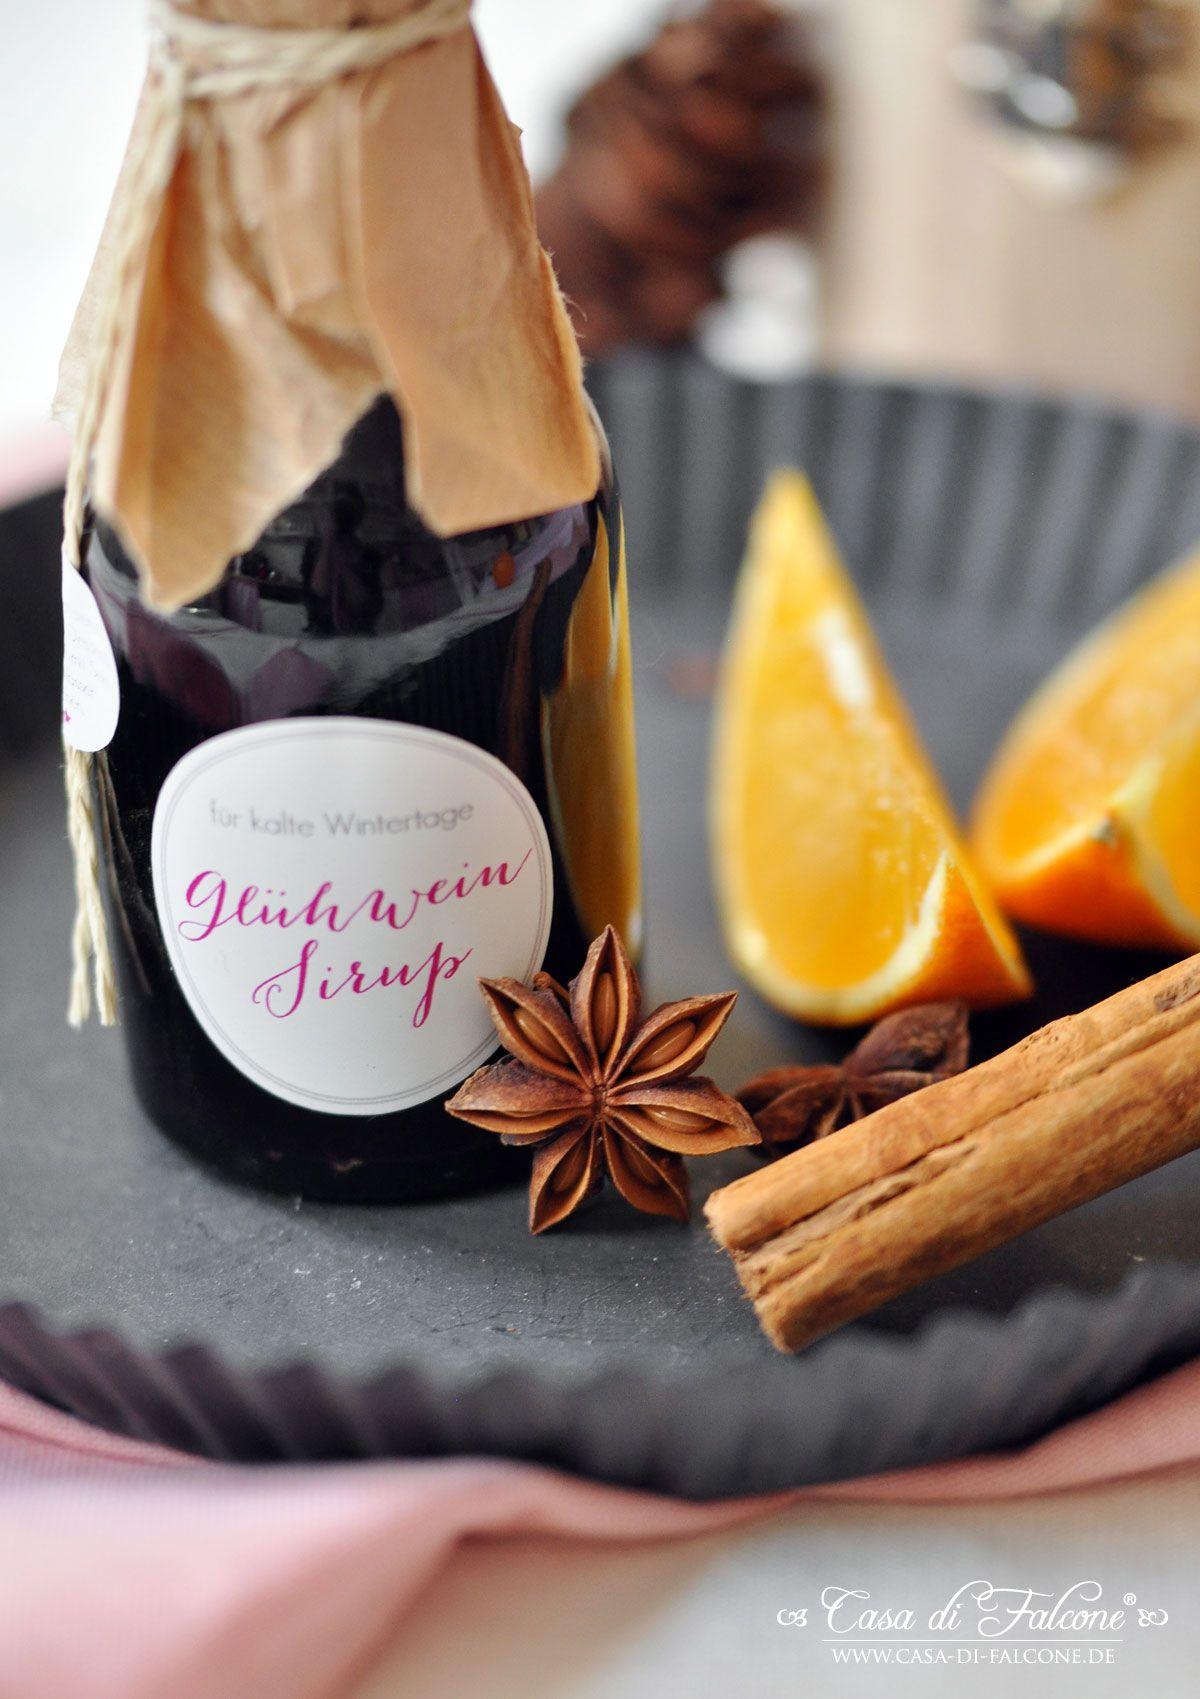 Glühweinsirup Rezept & Verpackungsidee I Geschenke aus der Küche I ...